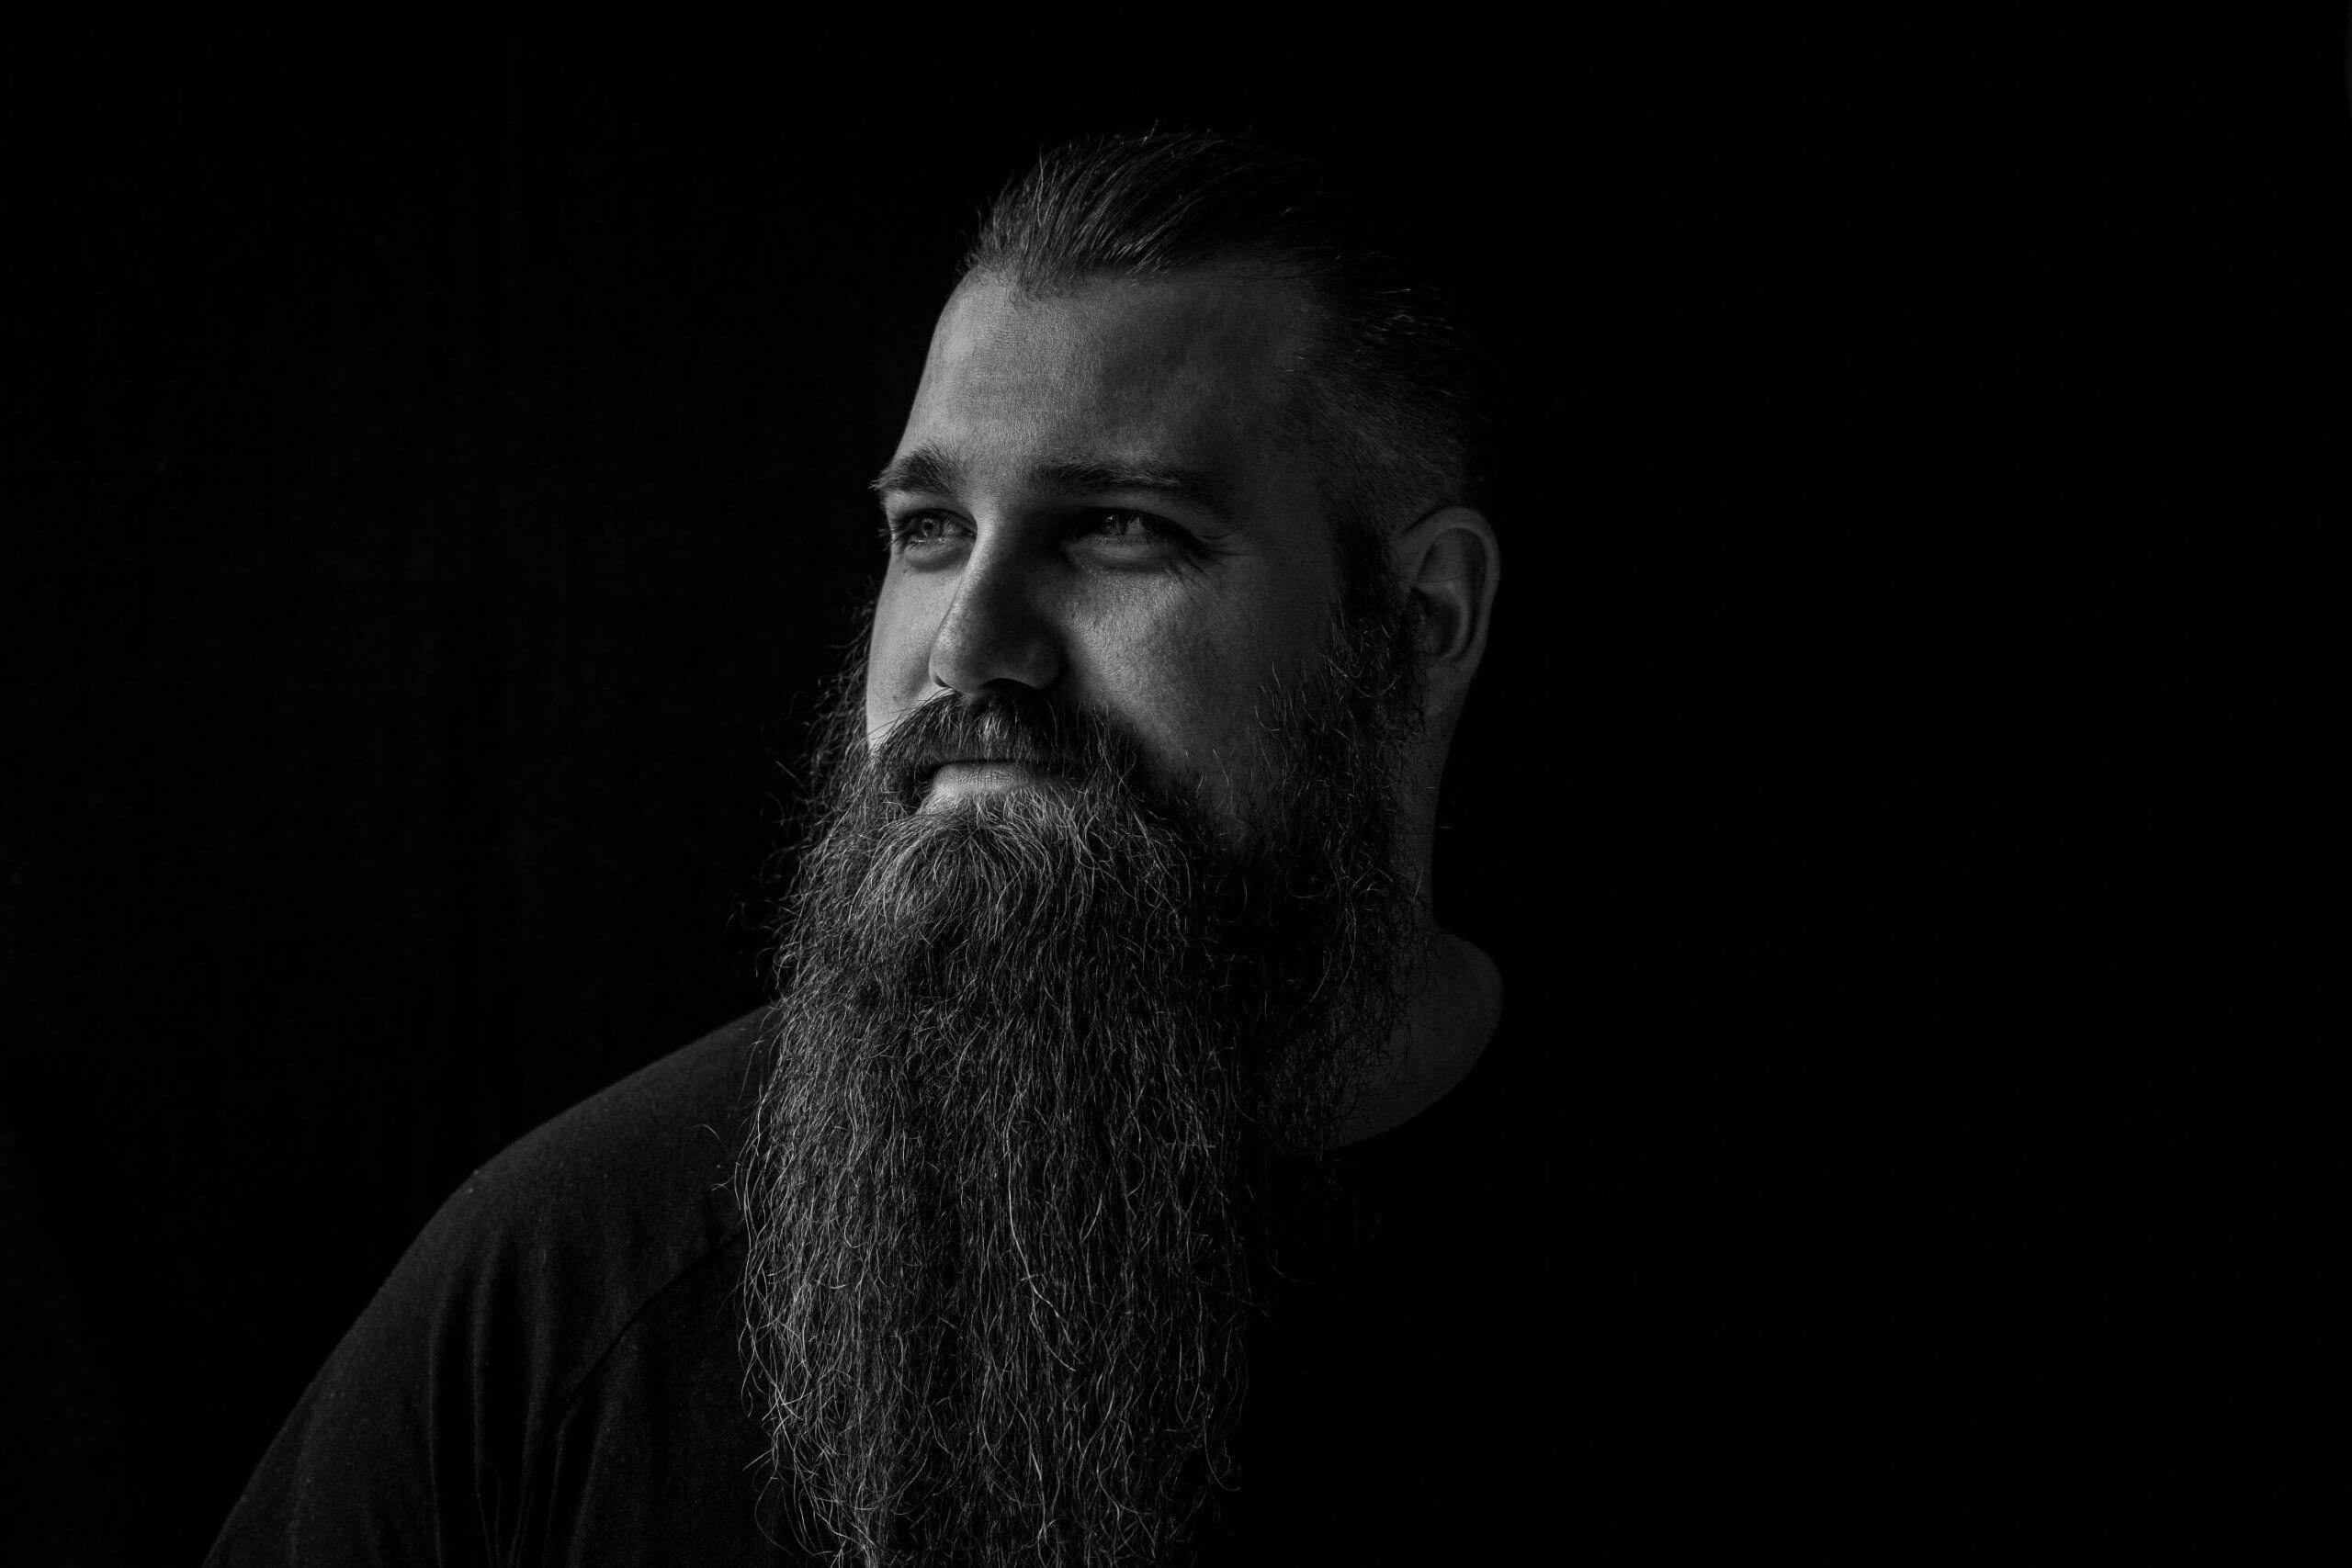 Portret man daglicht zwart wit baard